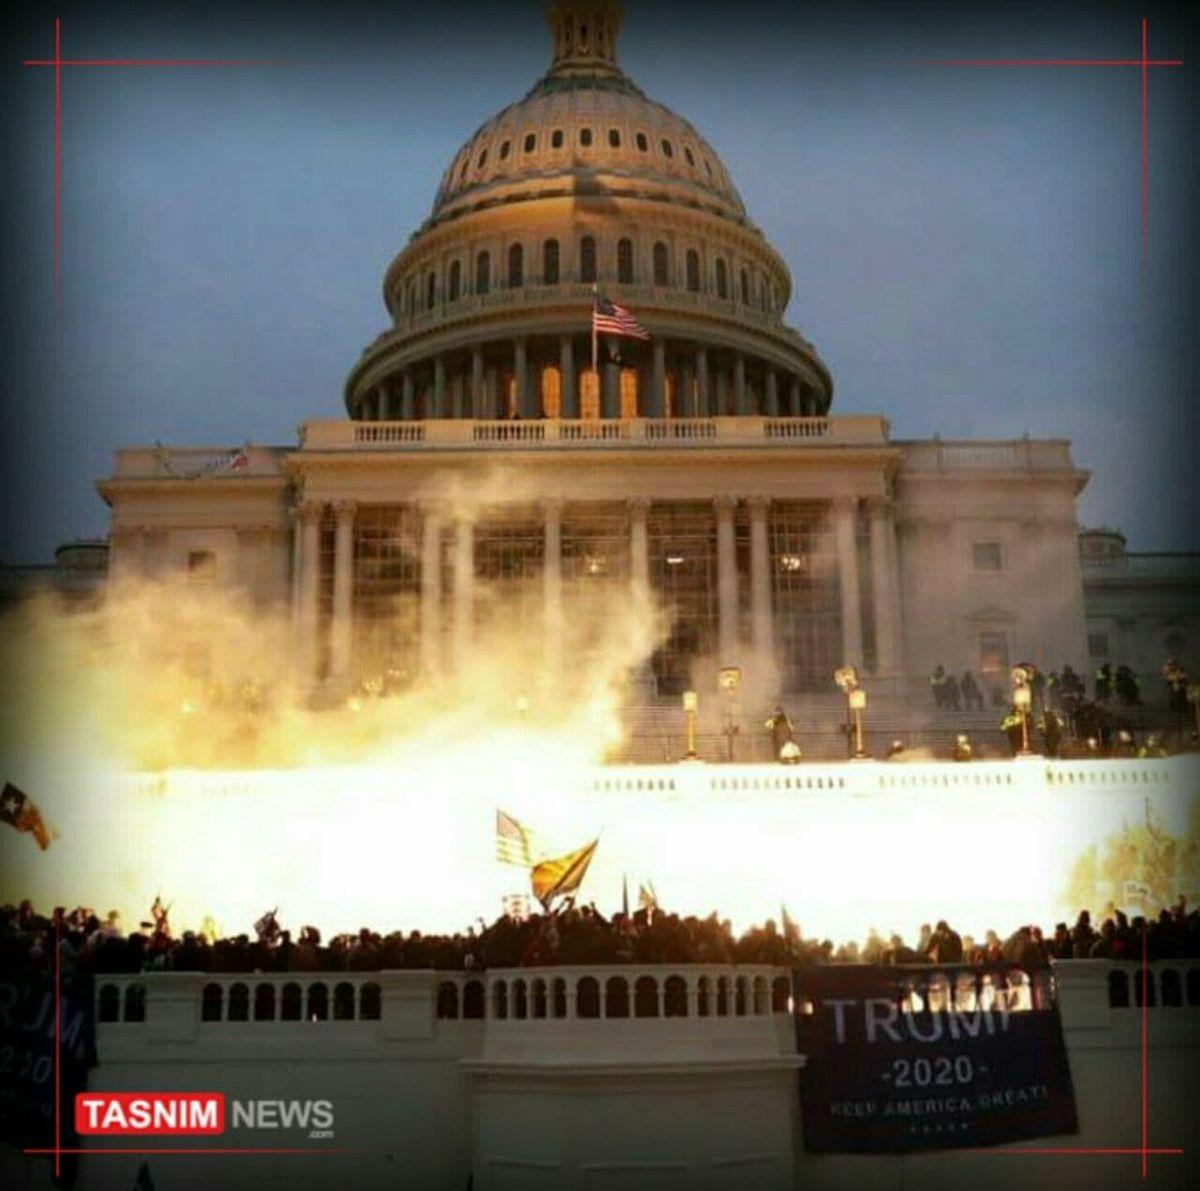 کنگره آمریکا در وضعیت هشدار امنیتی قرار گرفت